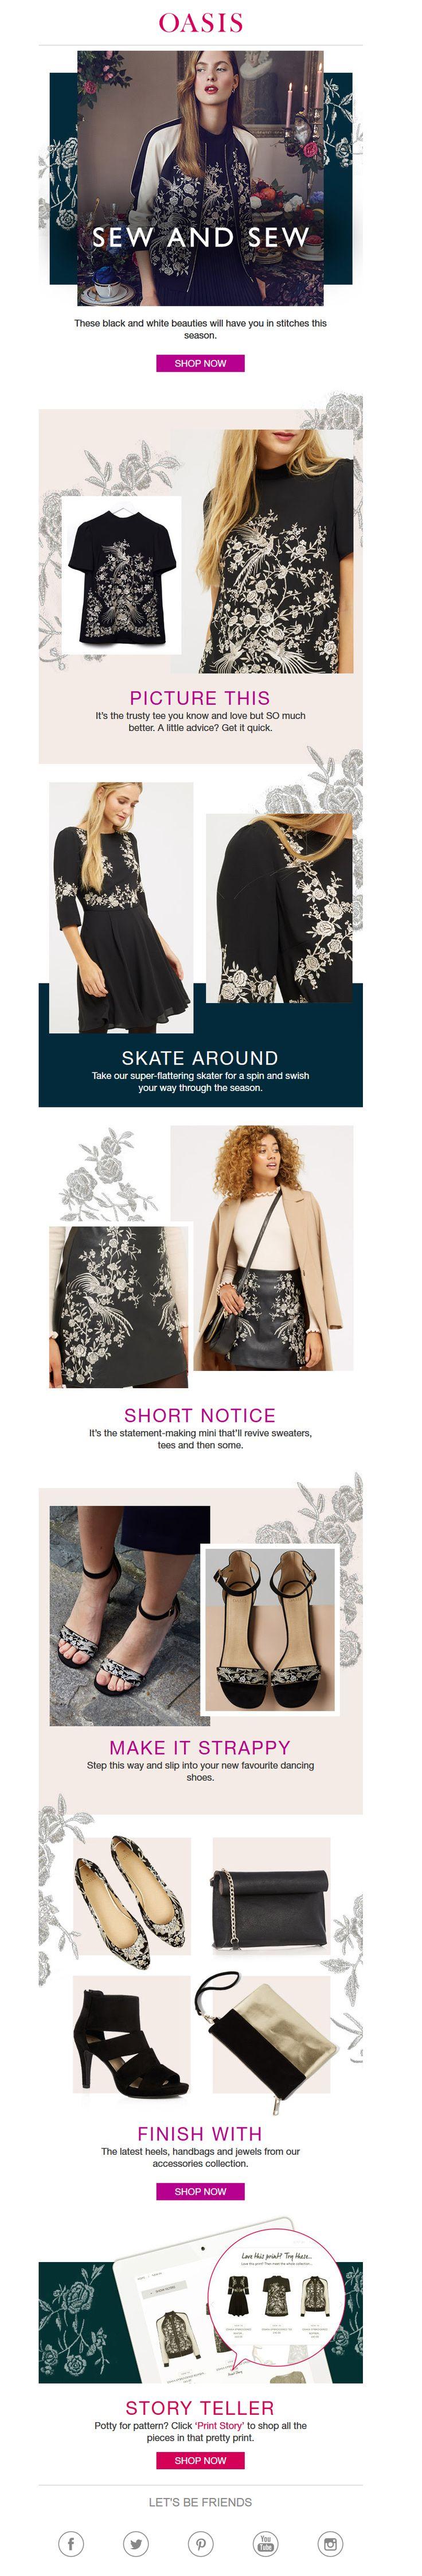 #web #website #weblayout #email #newsletter #edm #fall #fashion #sew